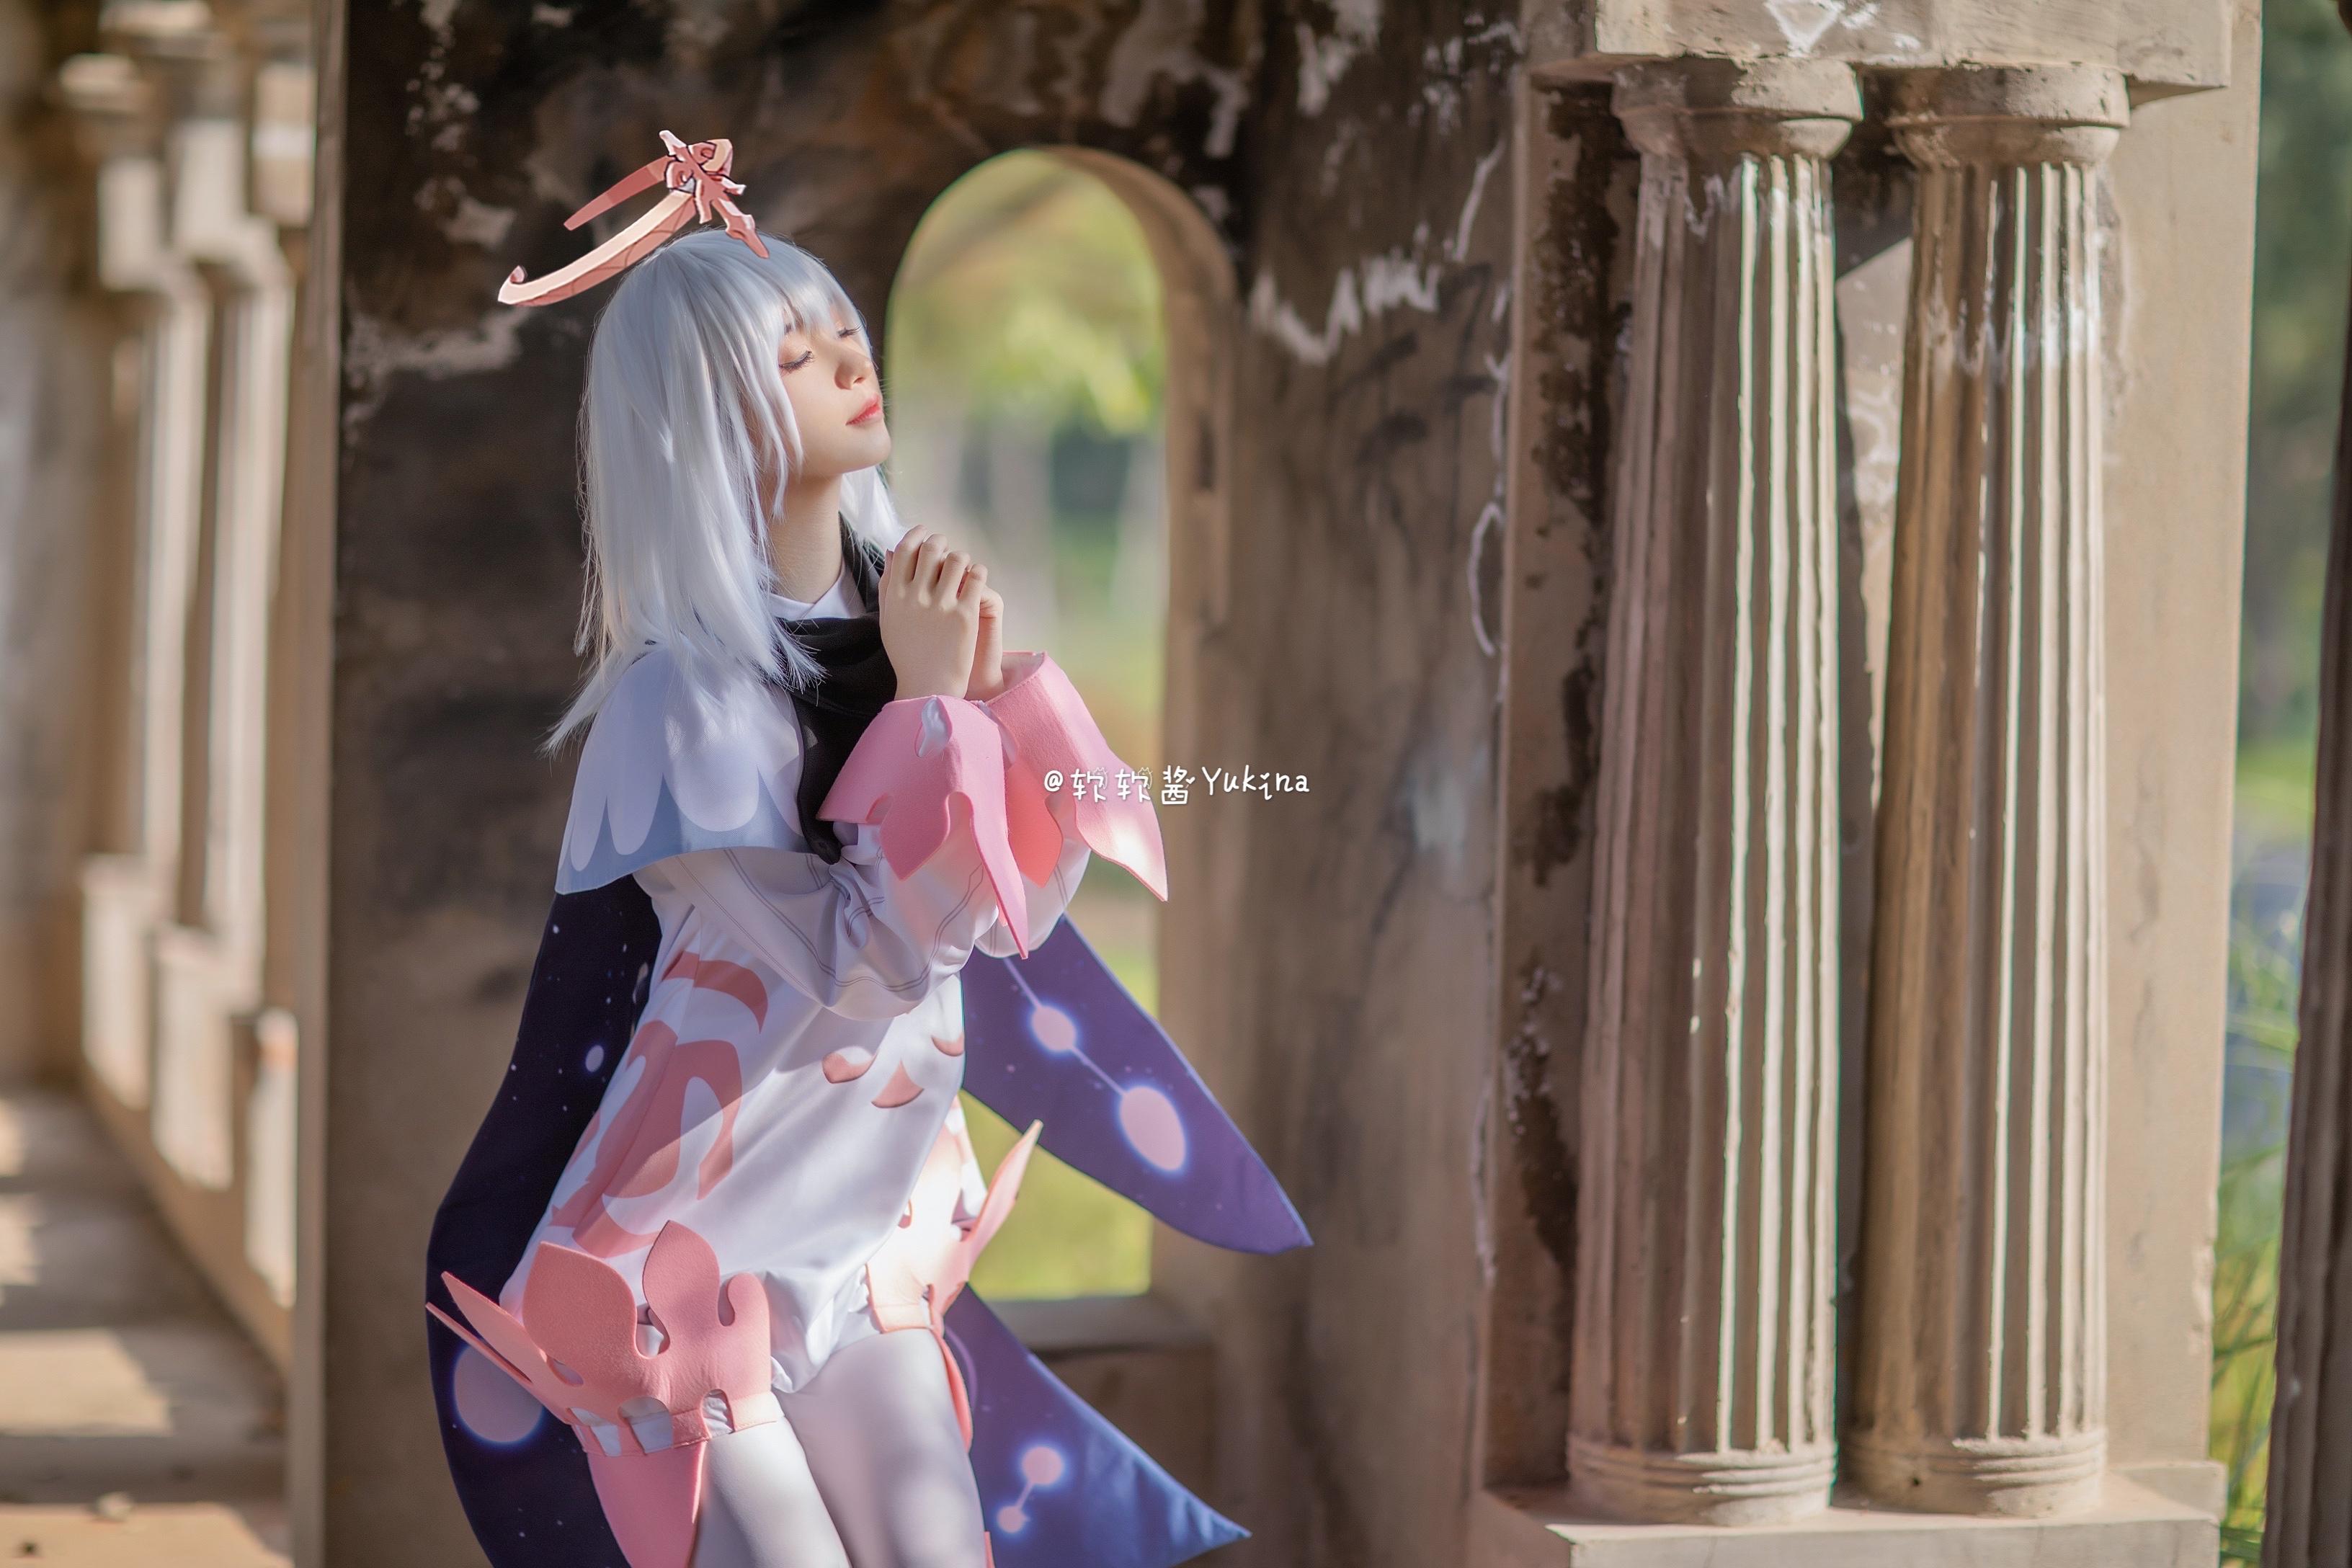 《原神》游戏cosplay【CN:软软酱Yukina】-第6张